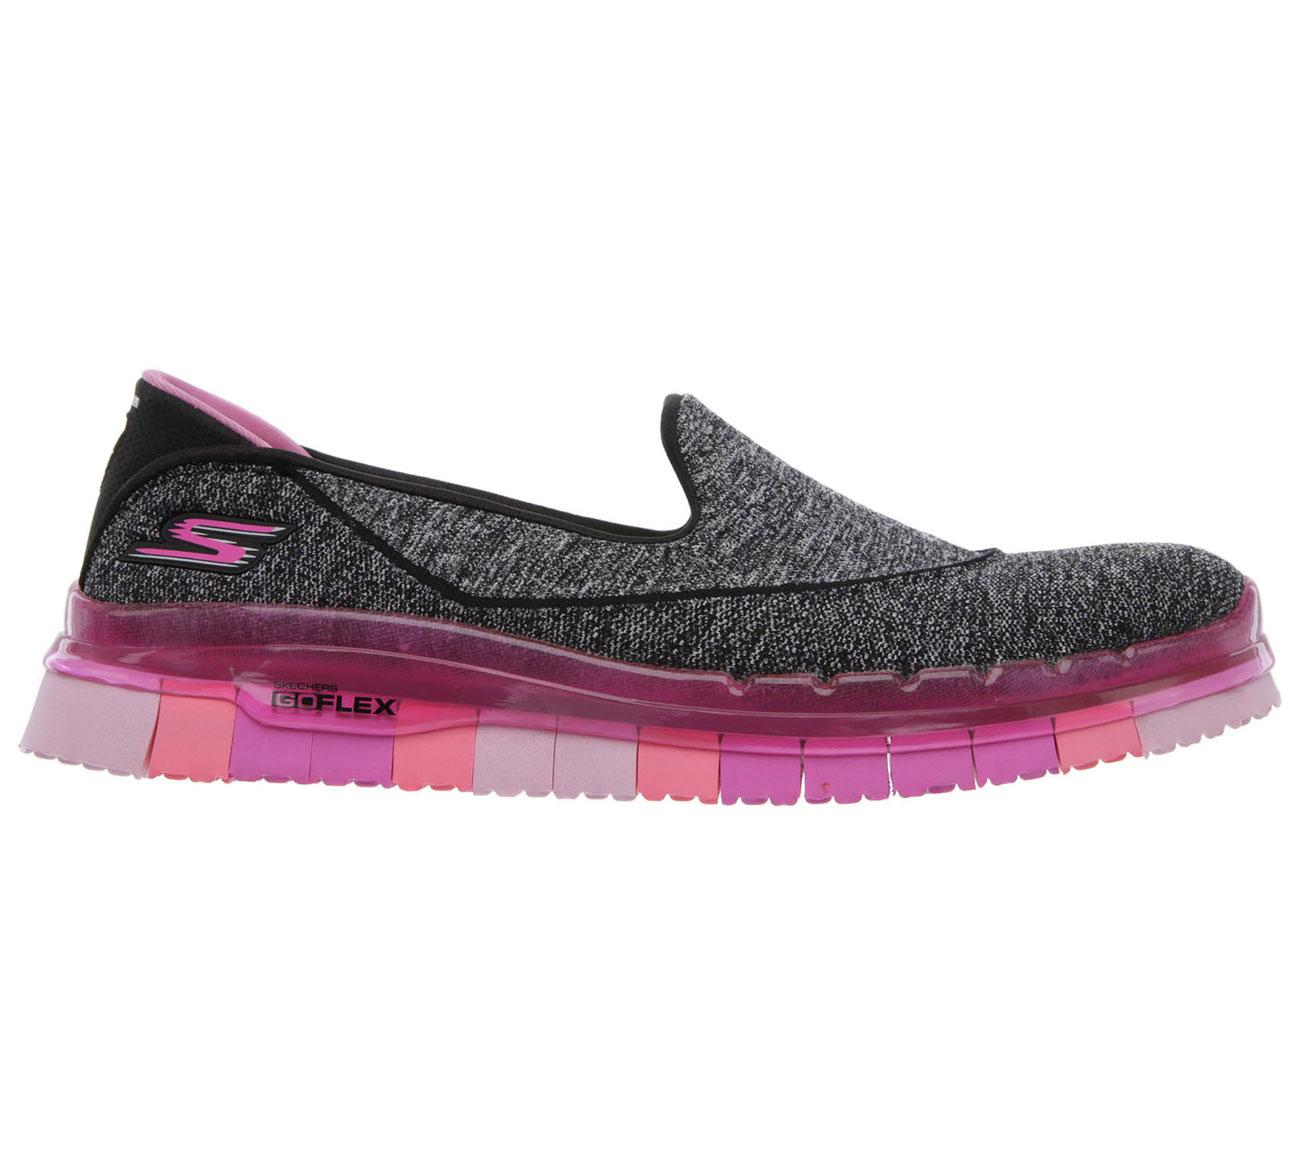 Skechers-Go Flex Slip On-BKHP-$149.90